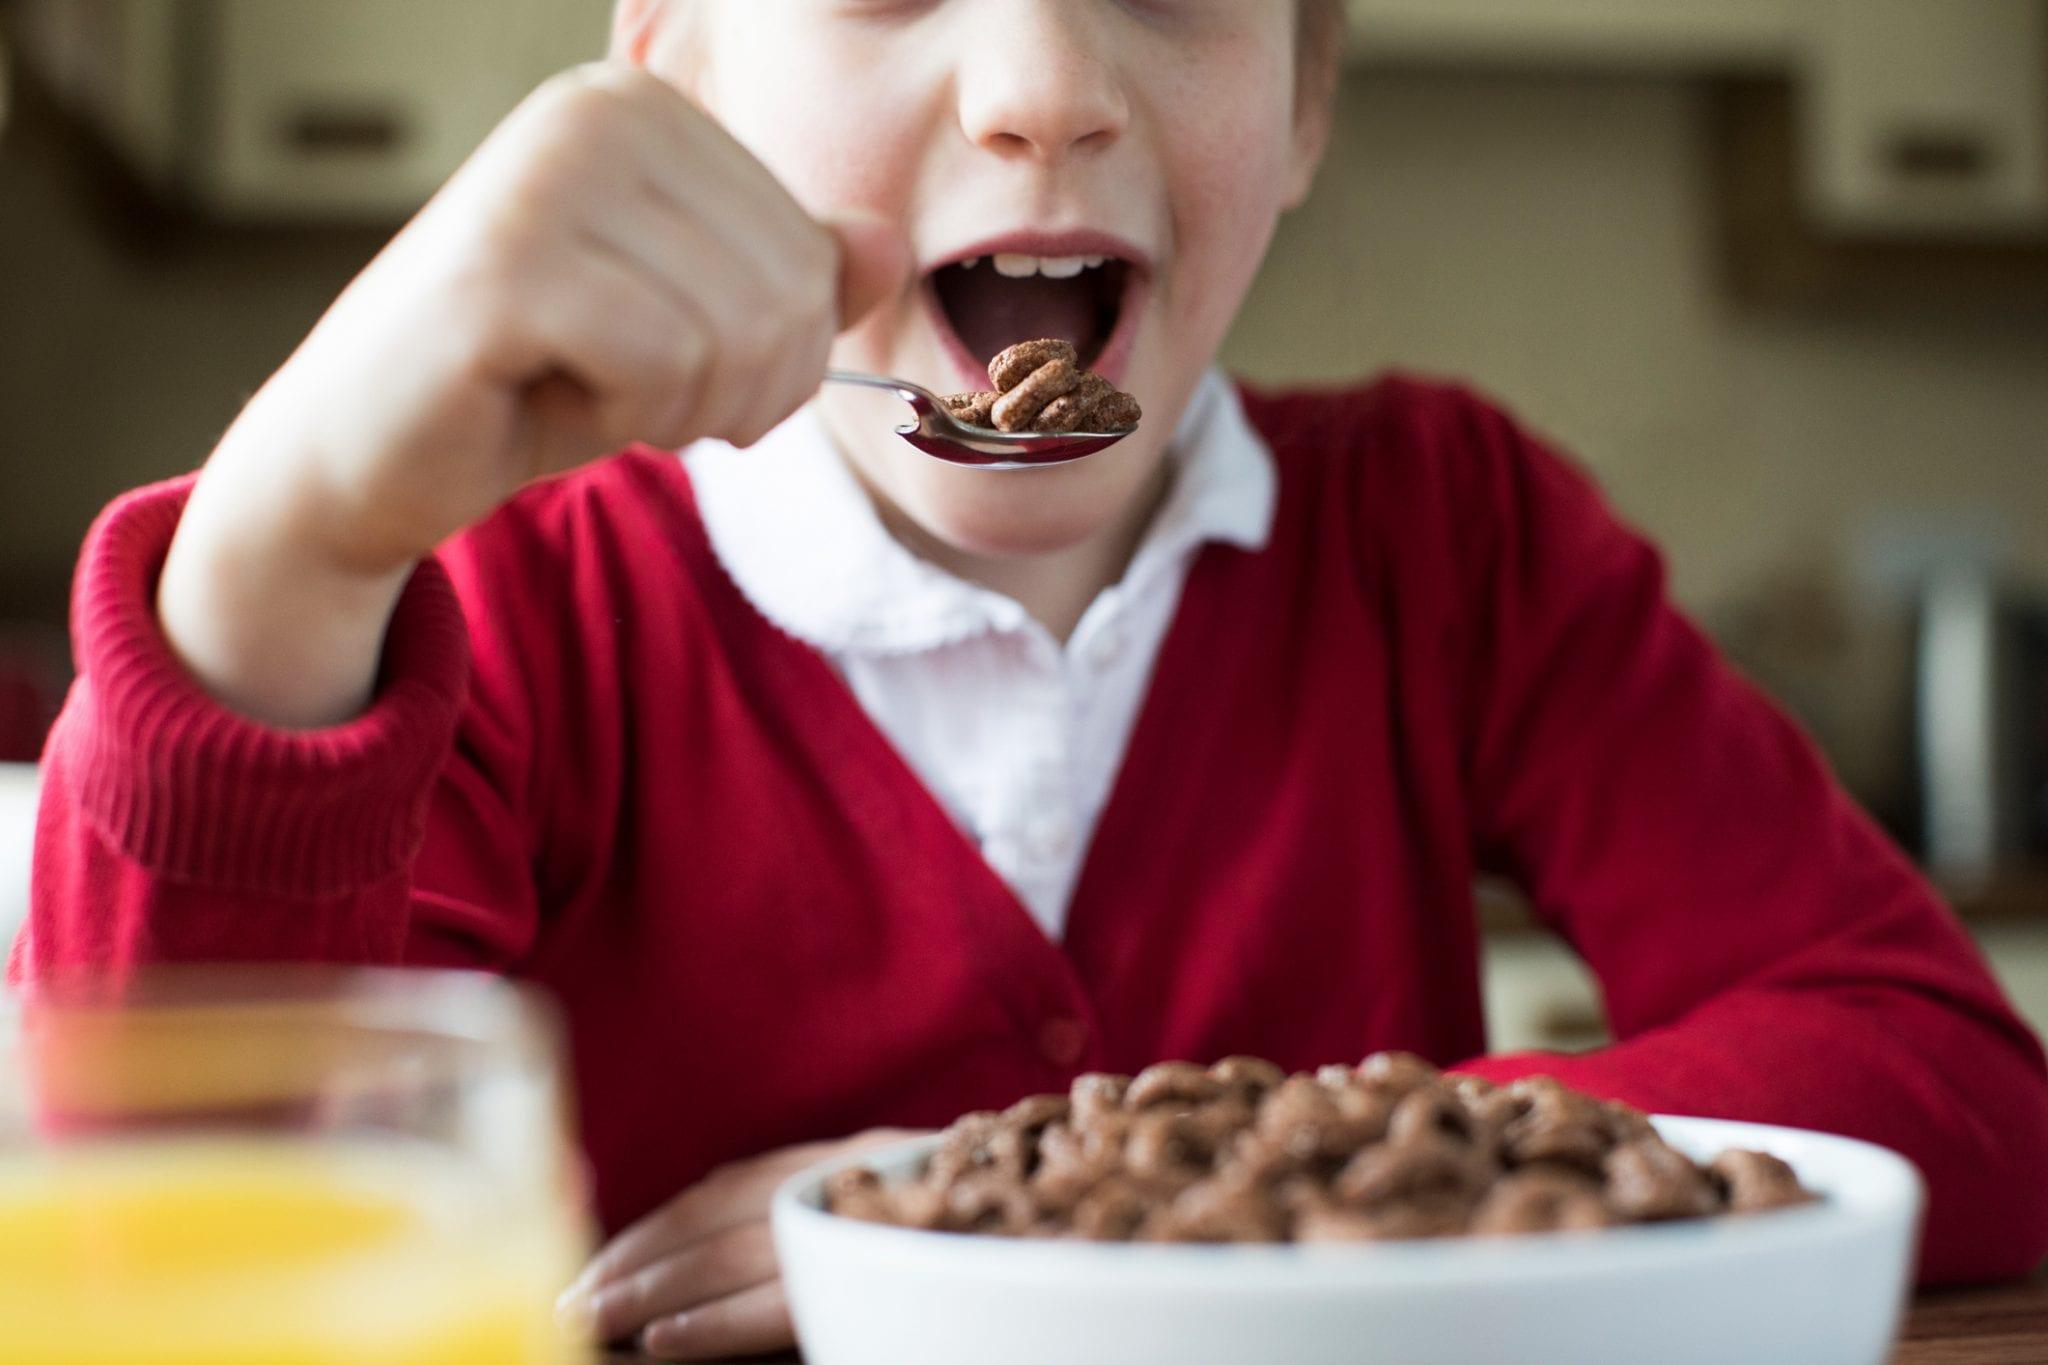 5 Reasons to Reduce Children's Sugar Intake